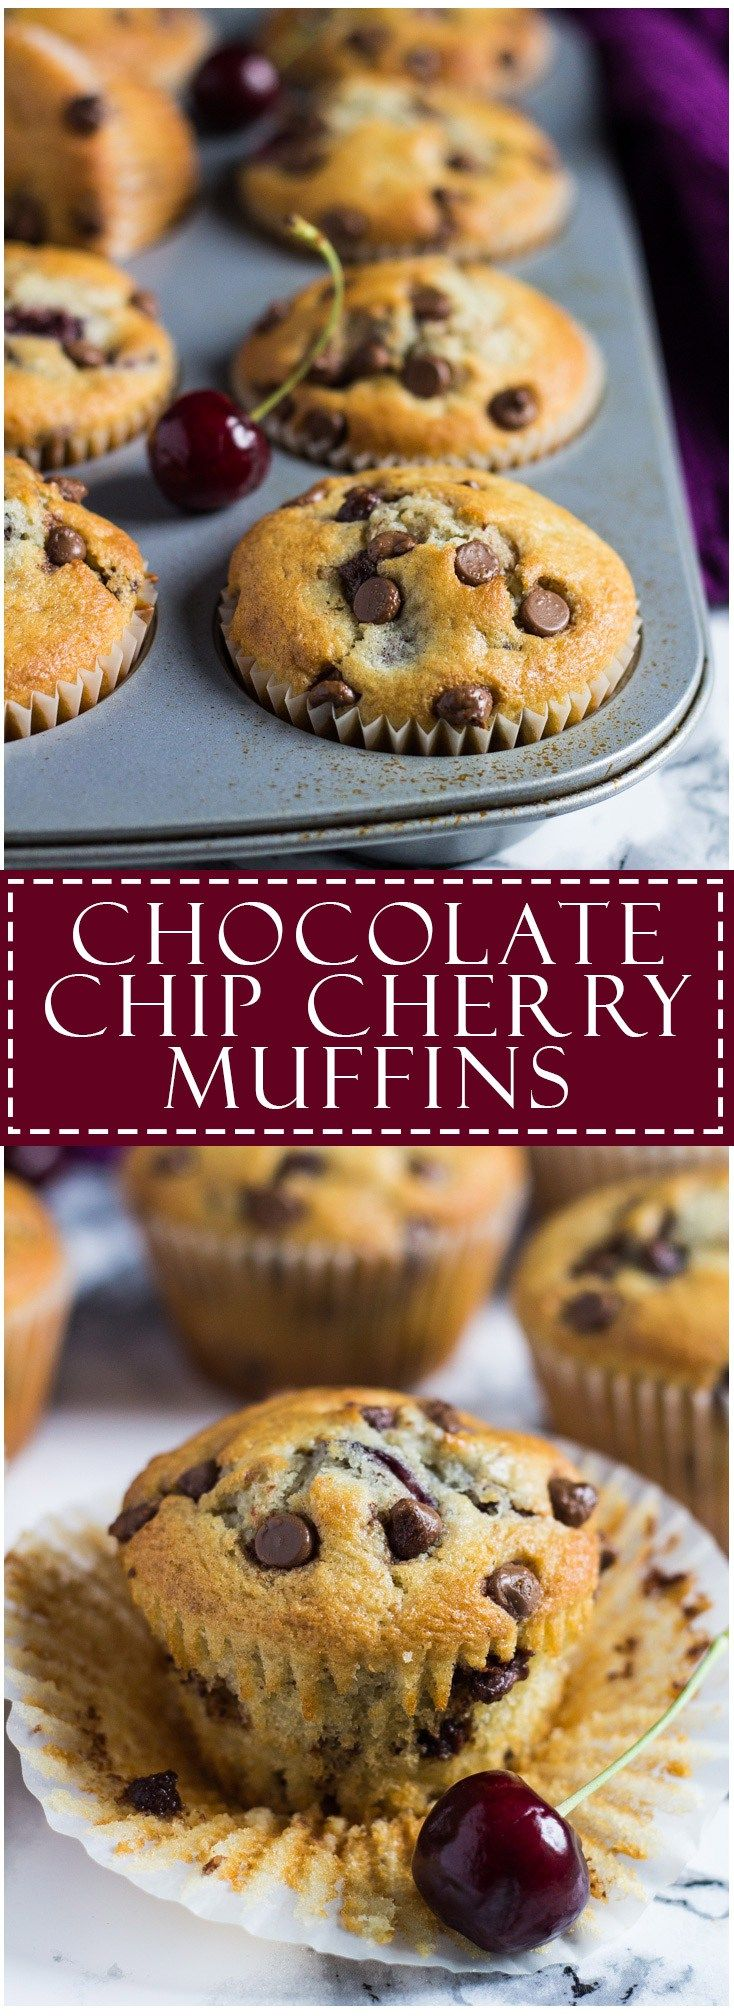 Chocolate Chip Cherry Muffins | Marsha's Baking Addiction